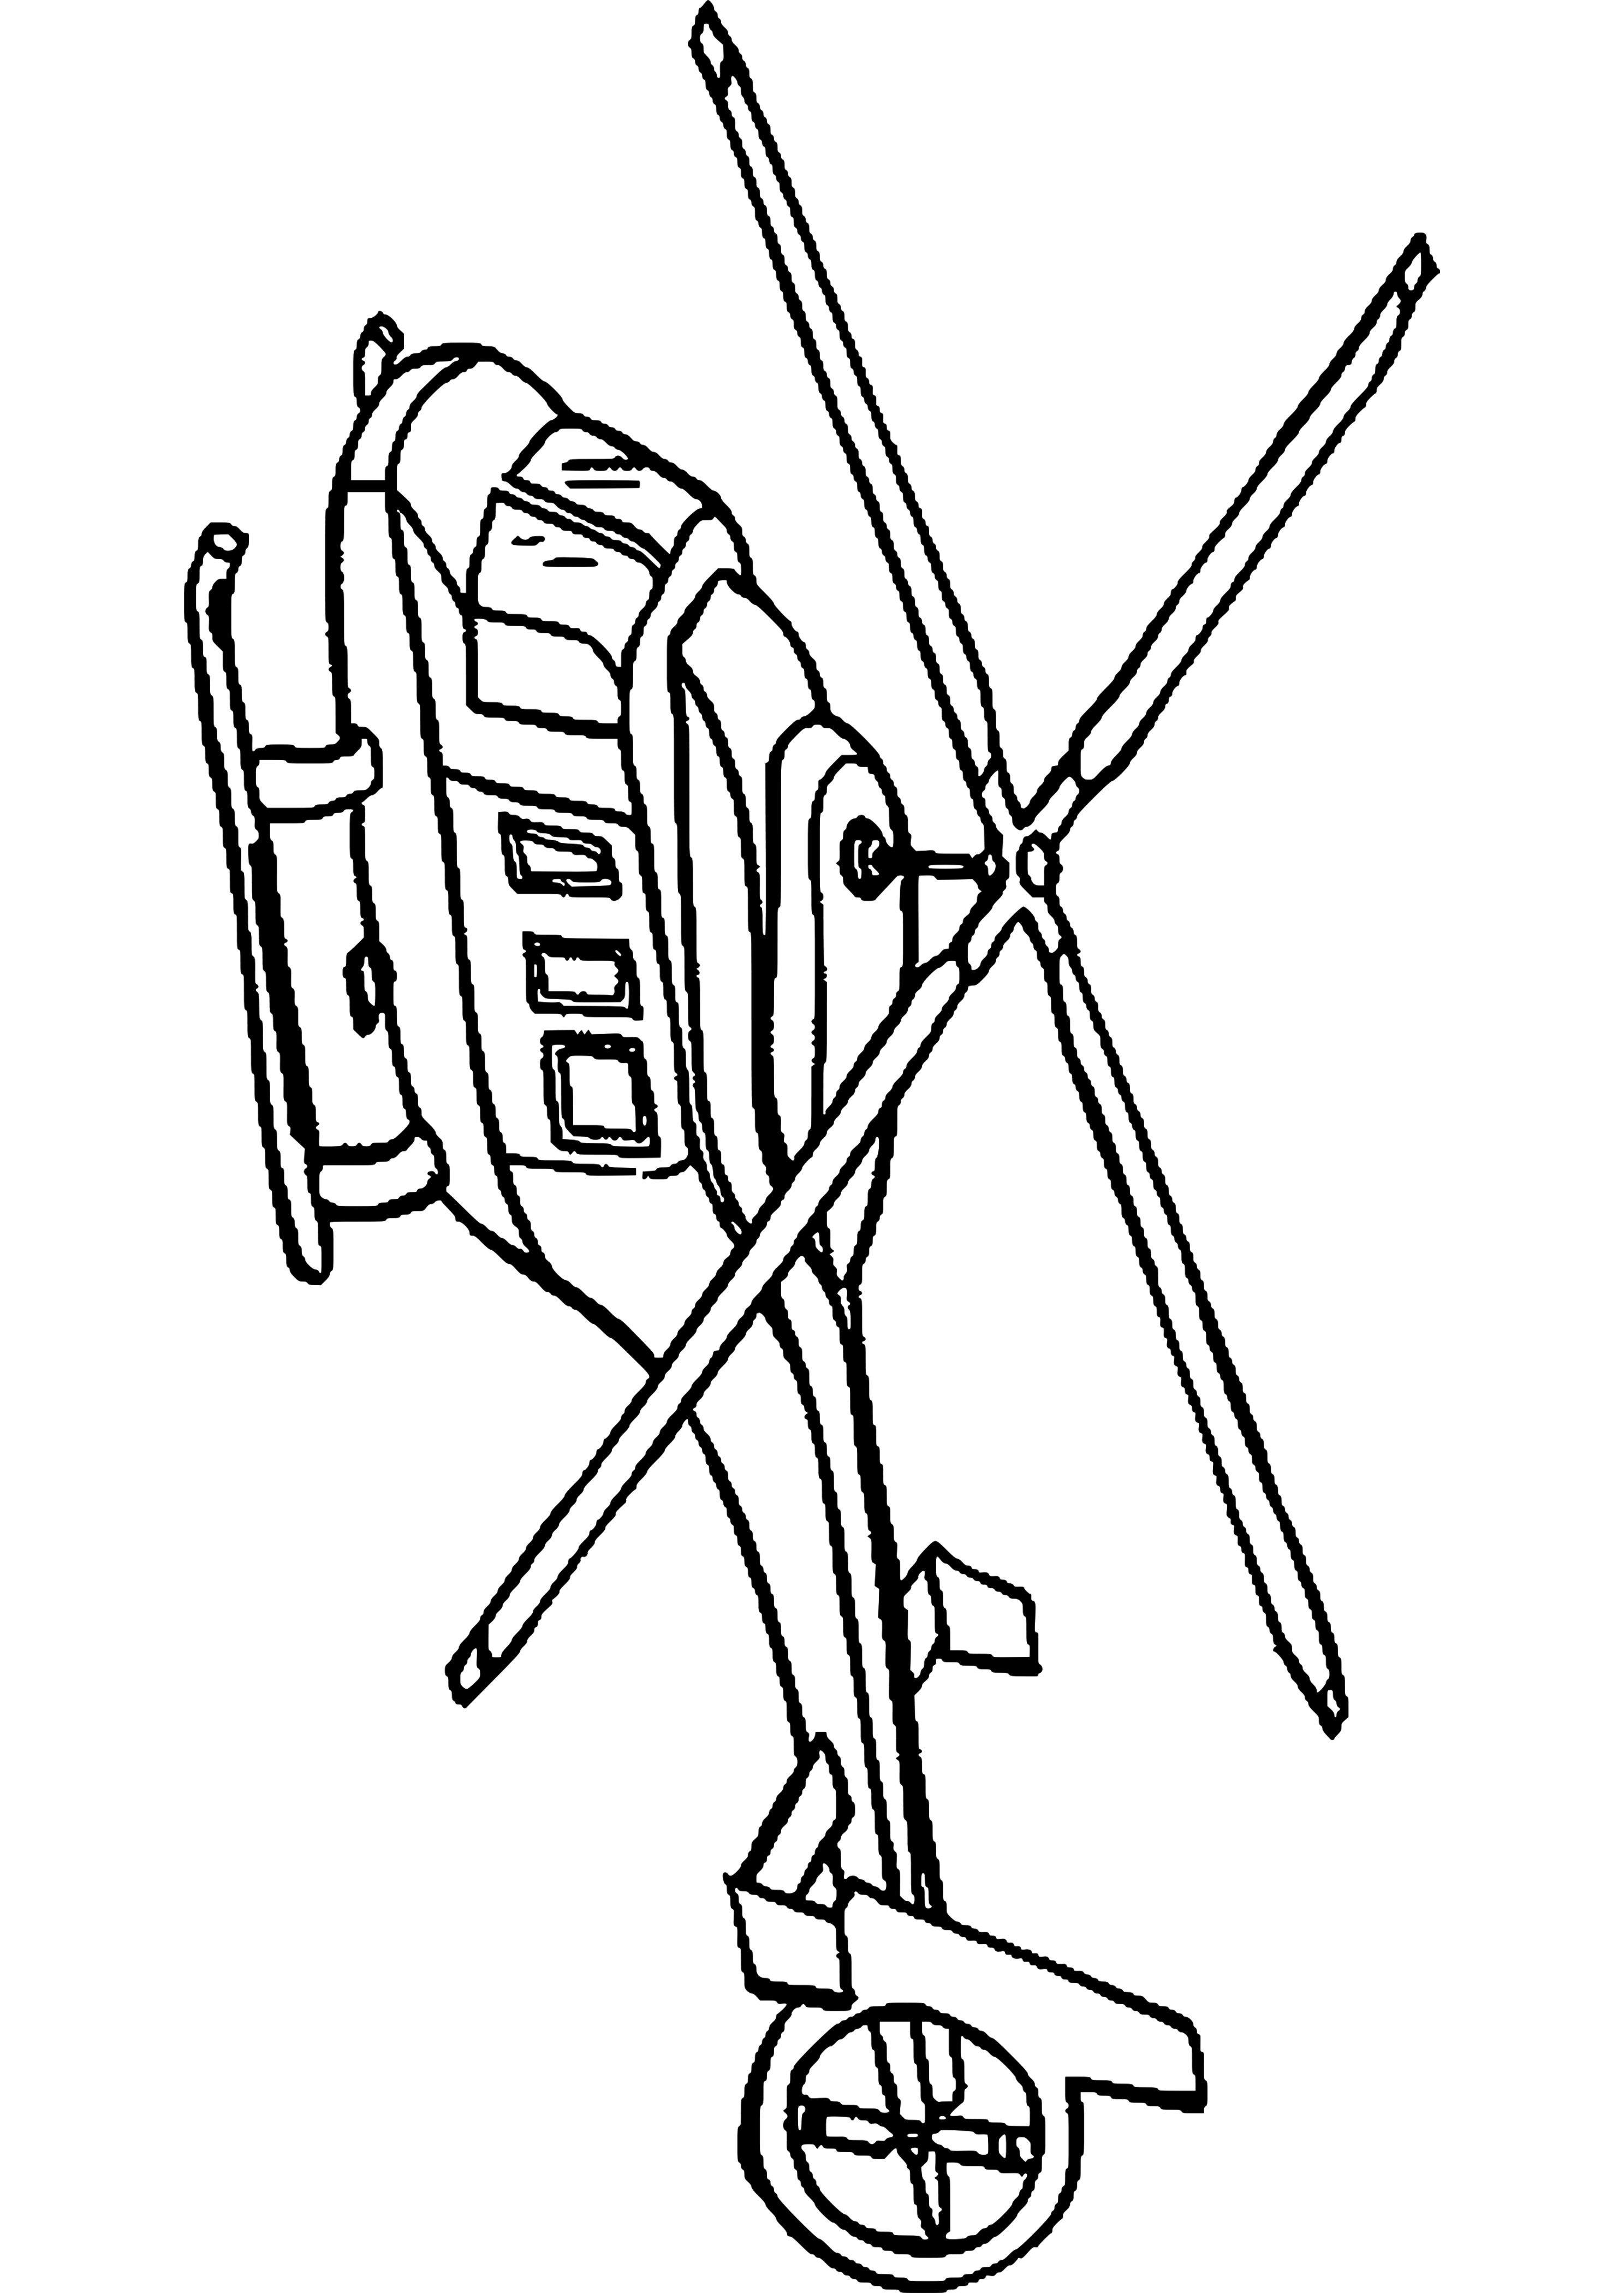 Neu Hubschrauber Ausmalen Malvorlagen Malvorlagenfurkinder Malvorlagenfurerwachsene Malvorlagen Christliche Symbole Ausmalen